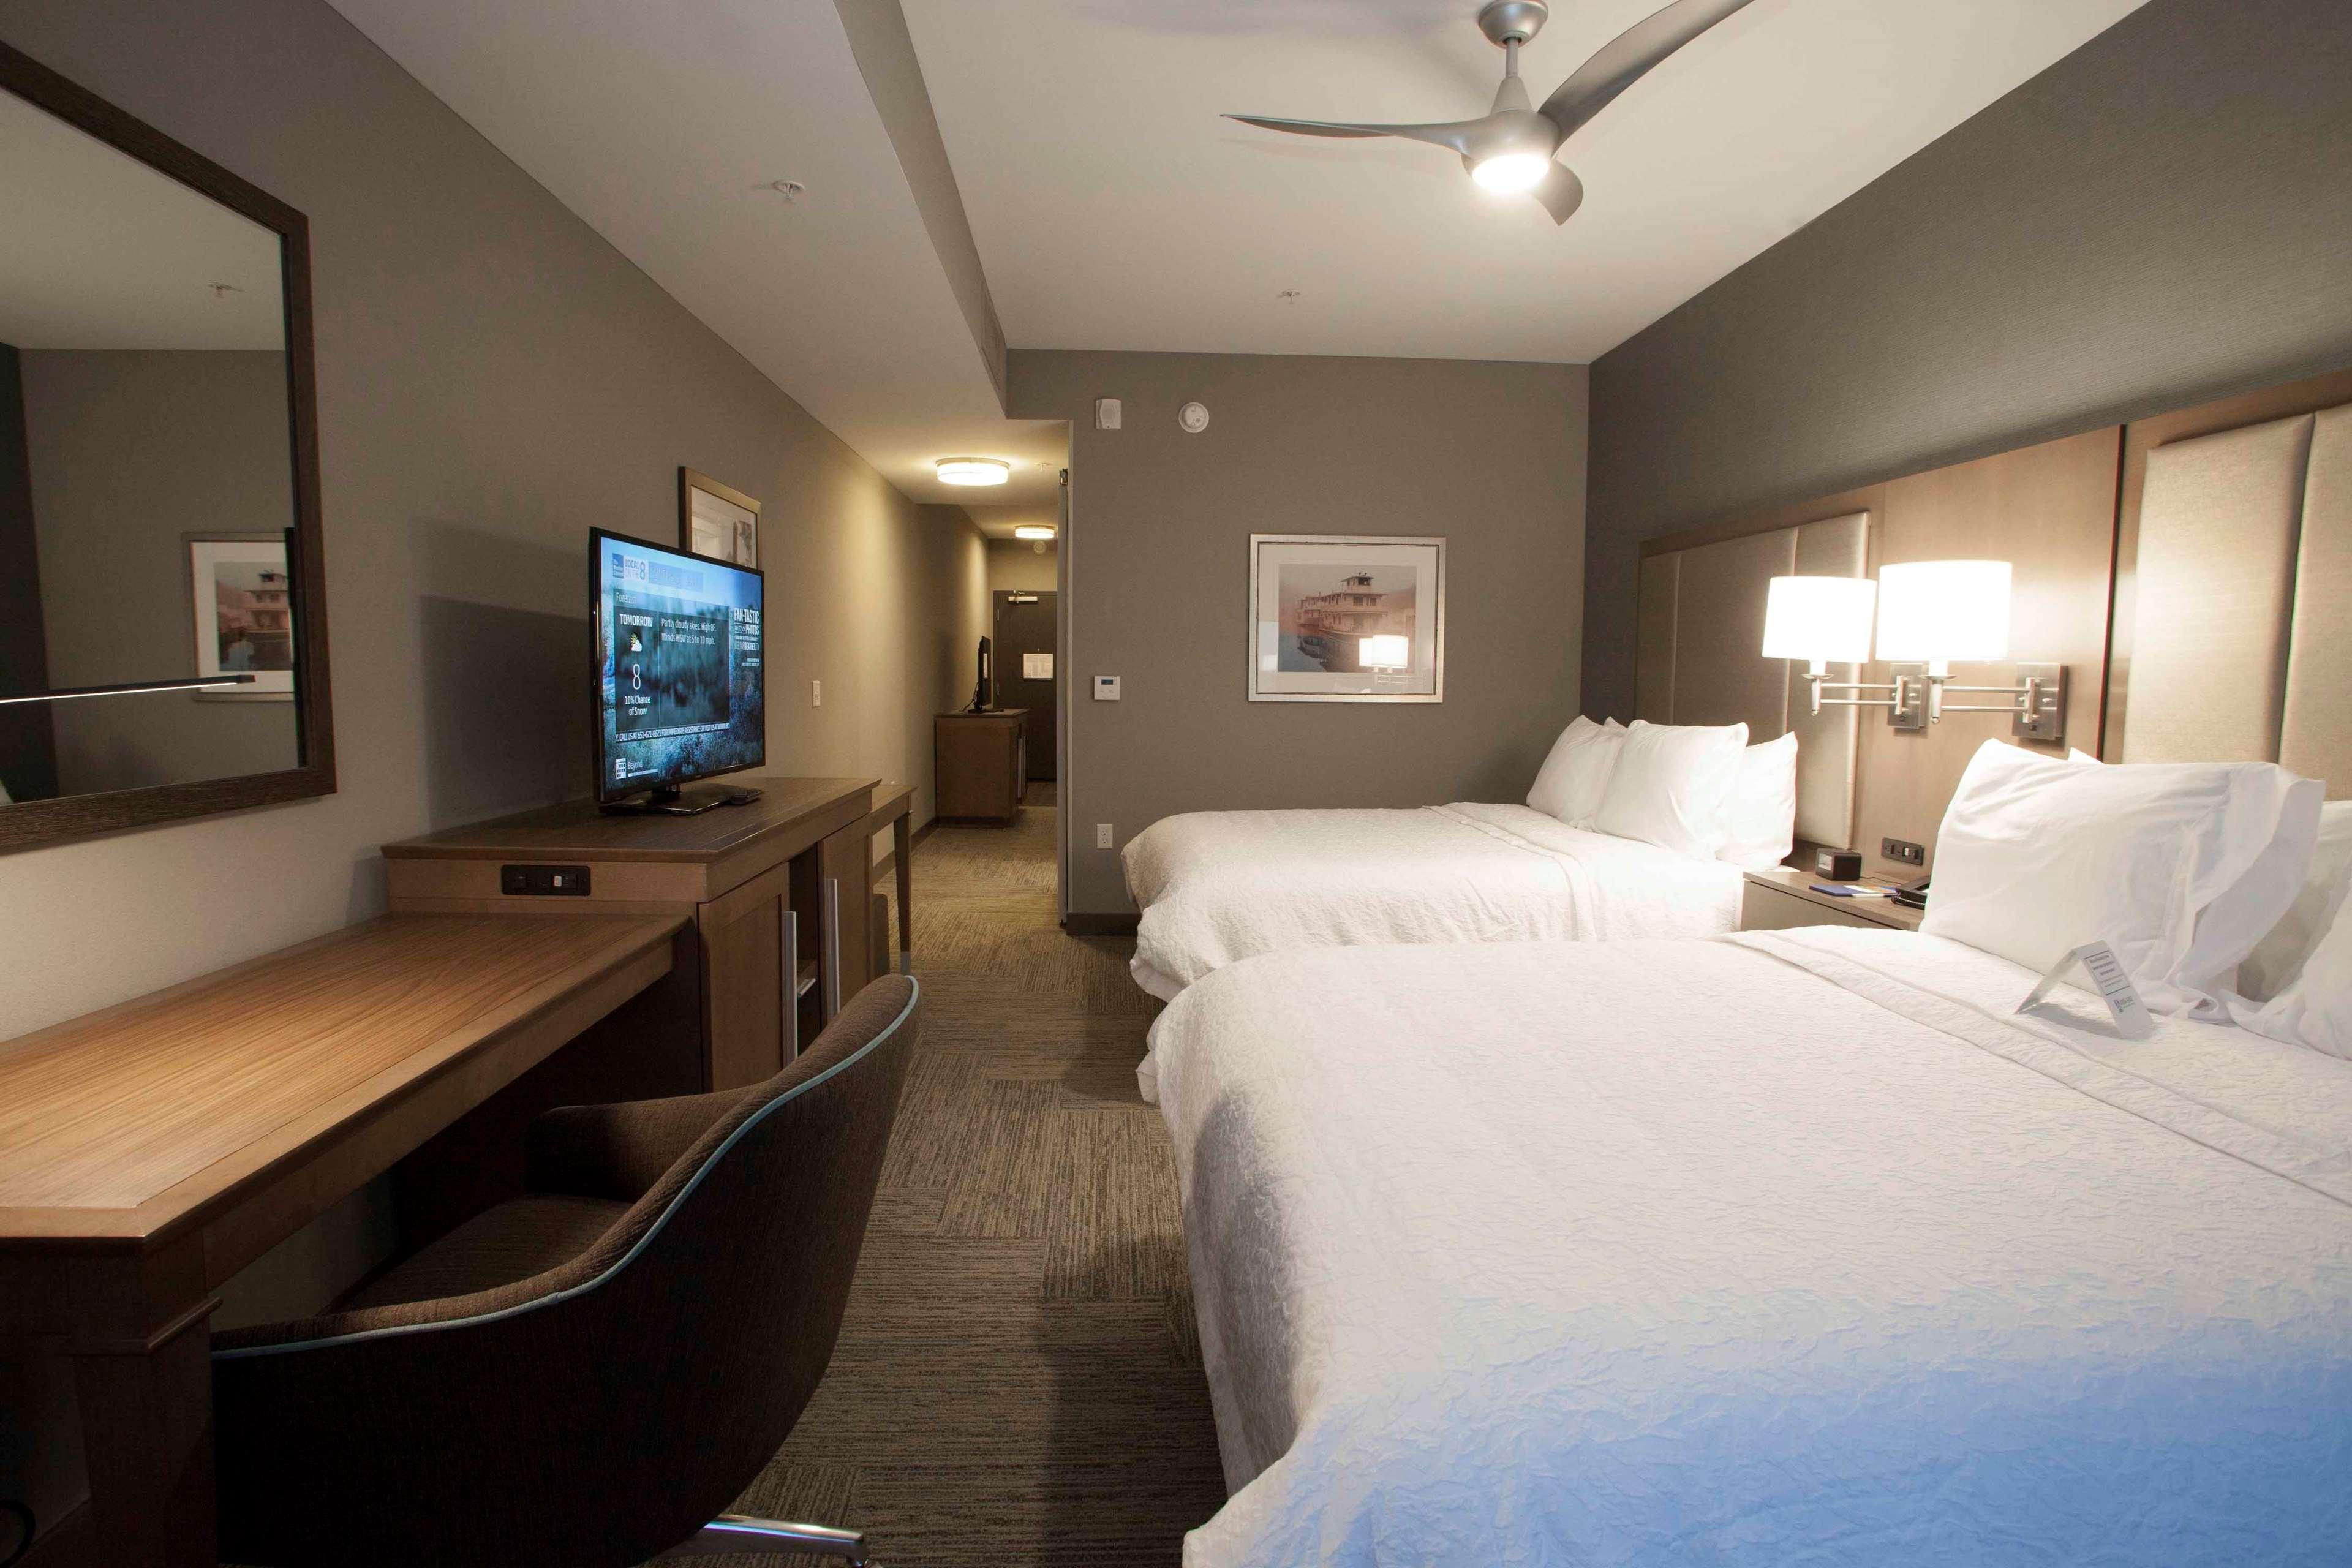 Hampton Inn & Suites Downtown St. Paul image 49